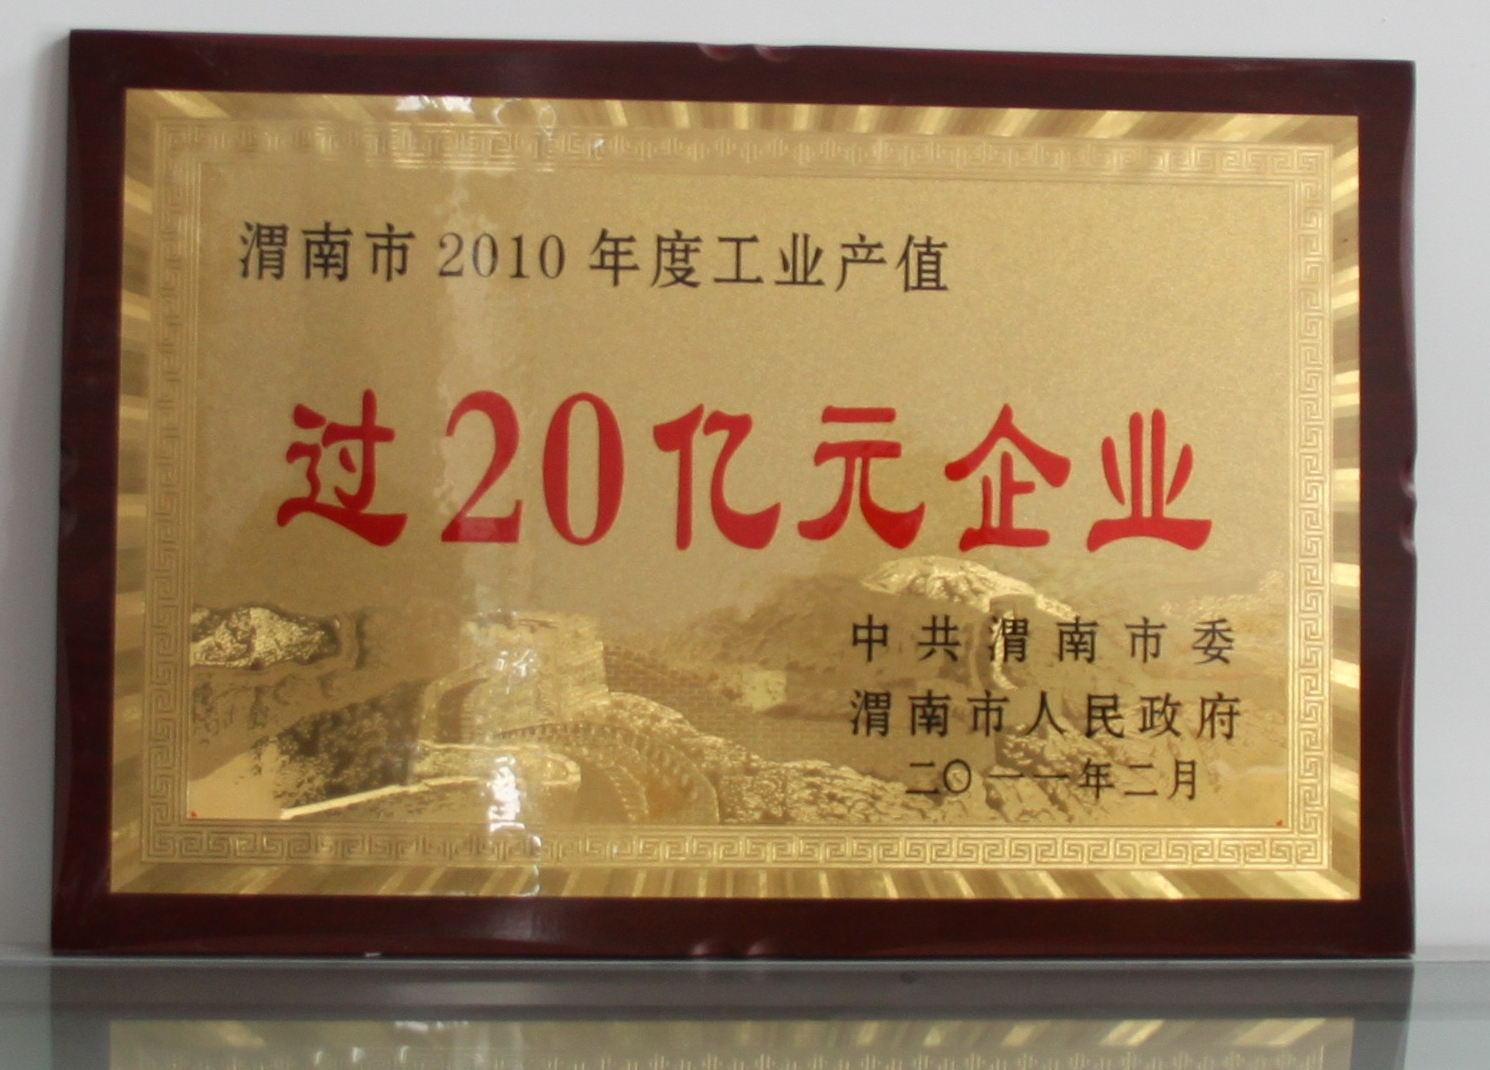 渭南市2010年度工业产值过20亿元企业